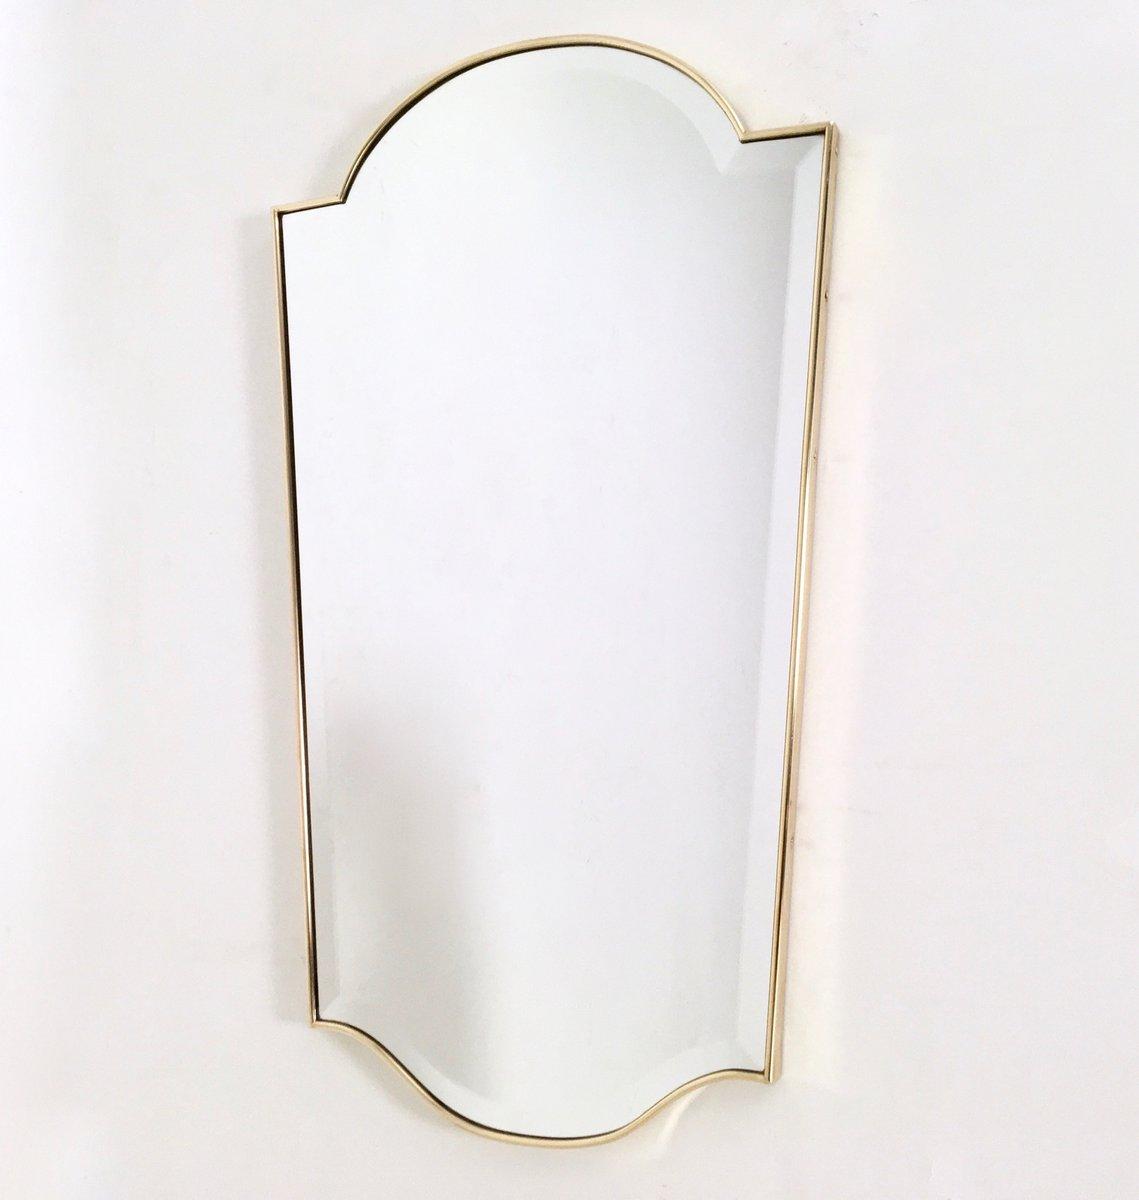 abgeschr gter spiegel mit rahmen aus messing 1950er bei. Black Bedroom Furniture Sets. Home Design Ideas